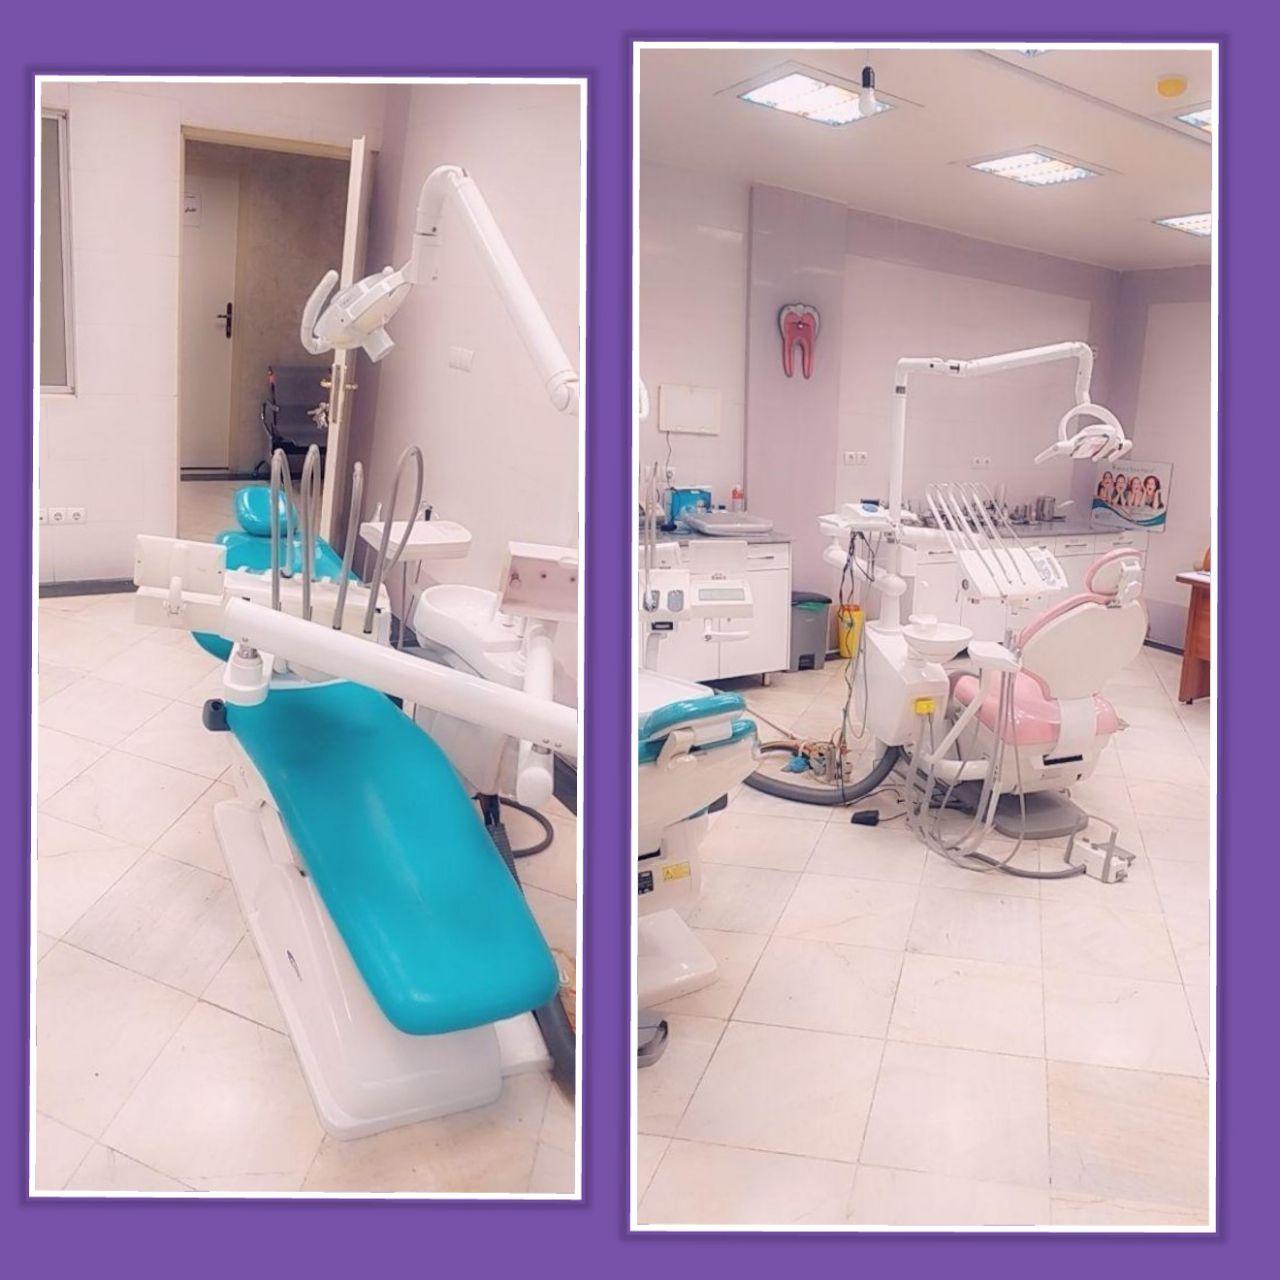 غرب تهران: استاد معین، اجاره واحد دندانپزشکی